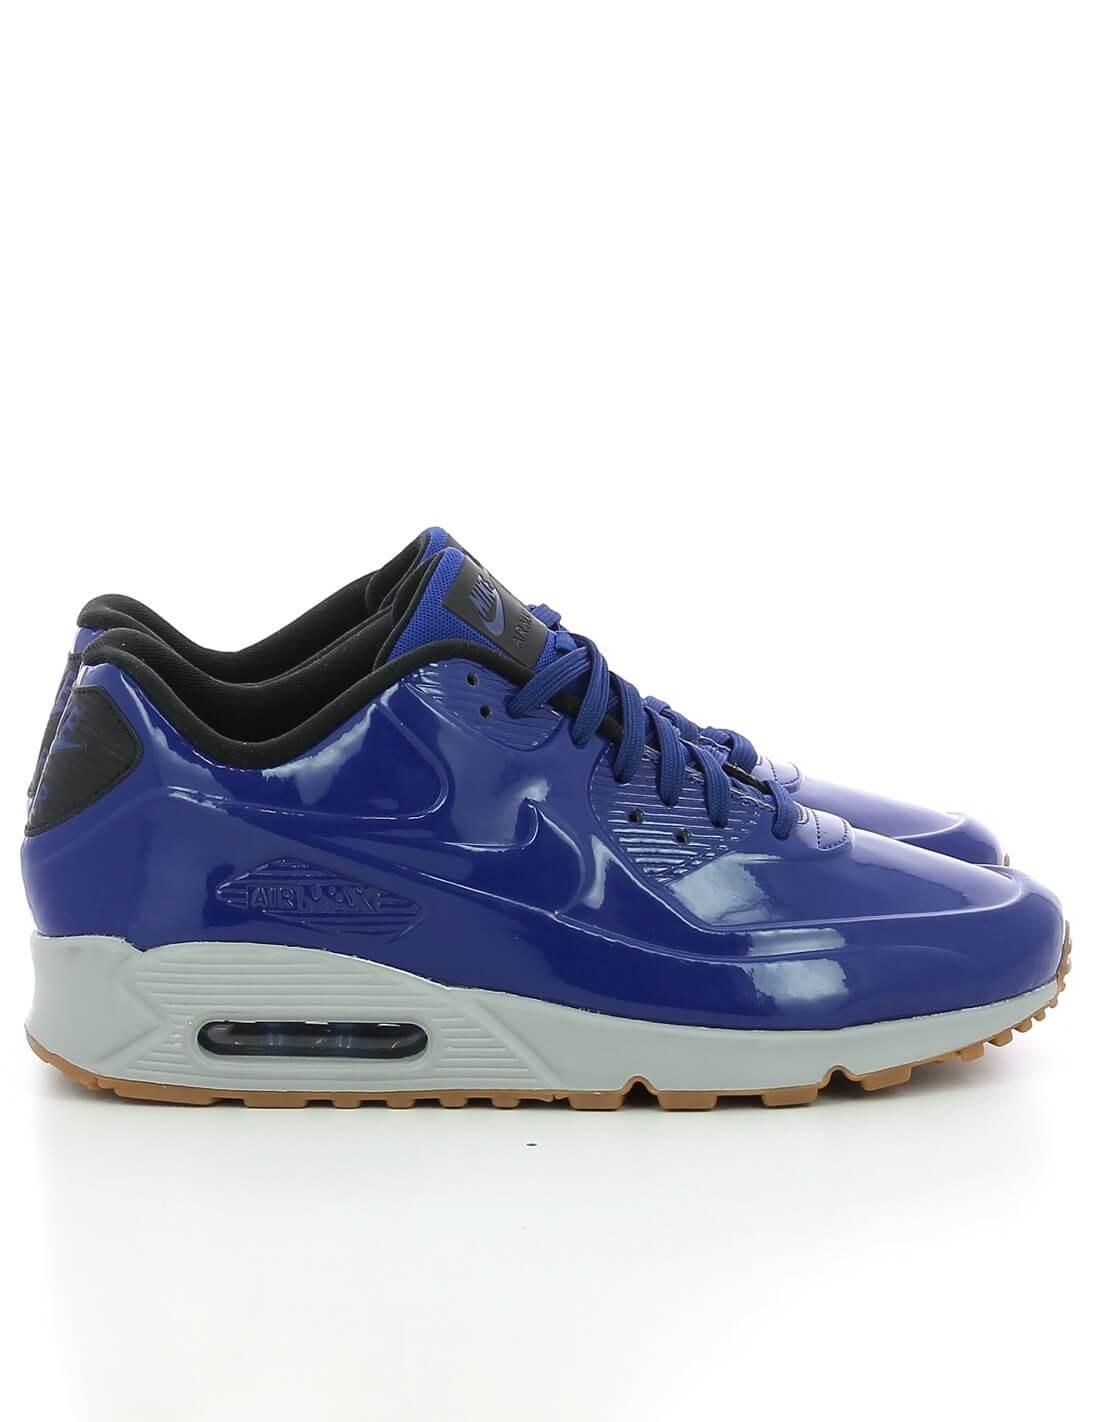 Deep Royal Blue Max 400Fskorp Vt 90 Air Qs 831114 Nike P8n0OkXw